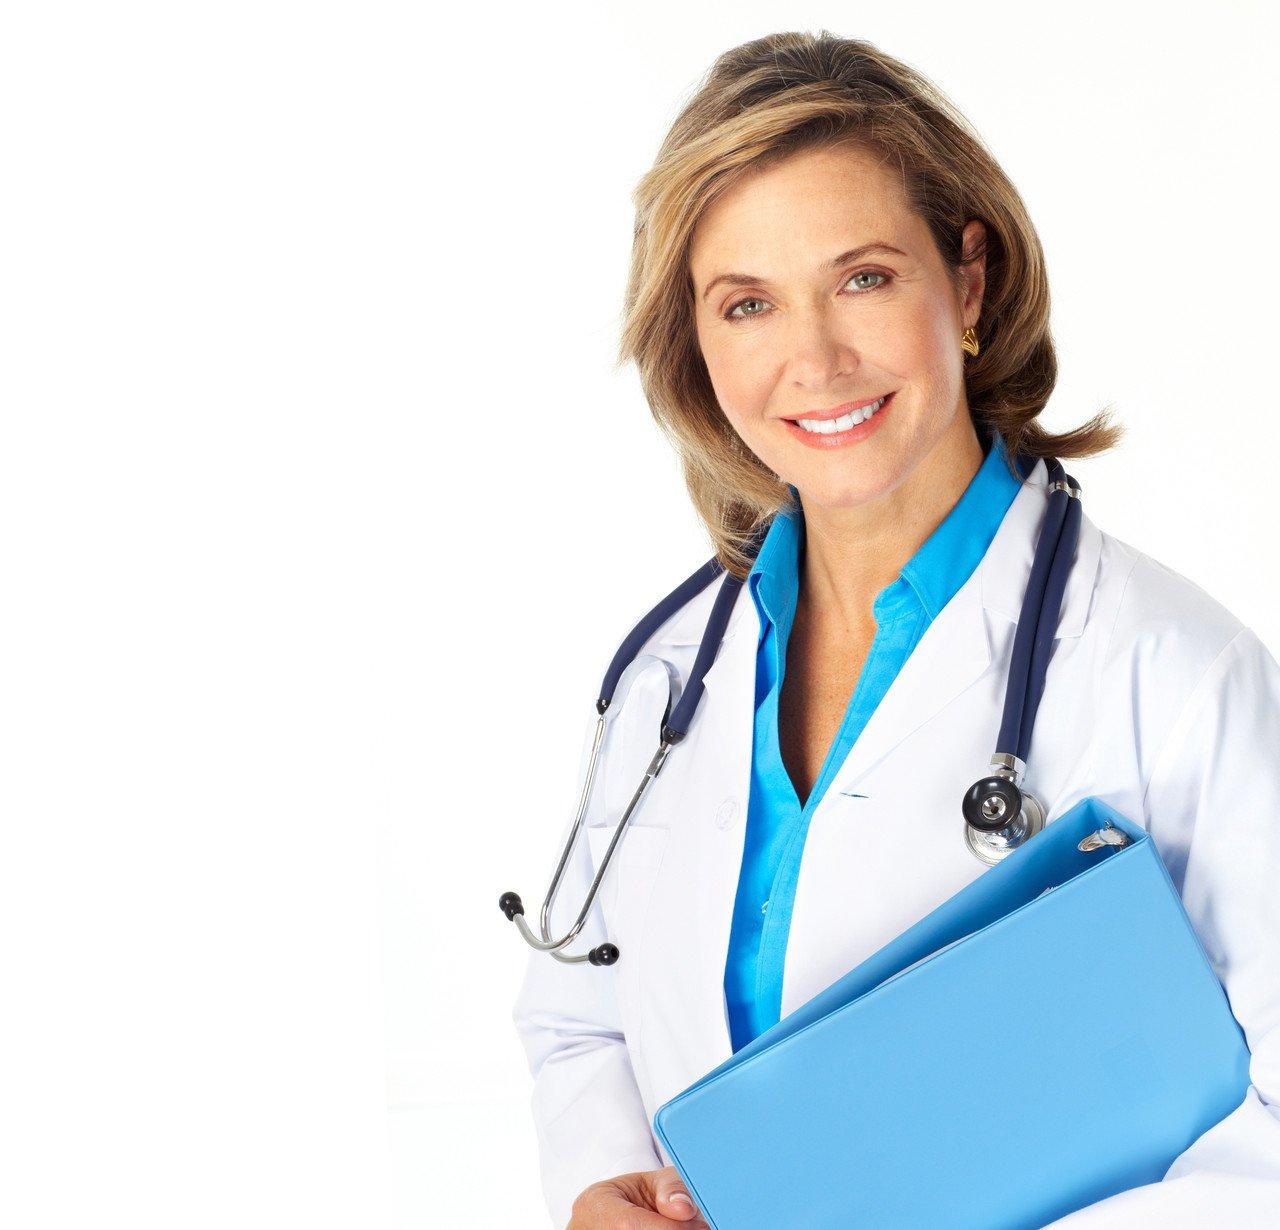 Если есть сомнения в пользе средства, то следует проконсультироваться с врачом